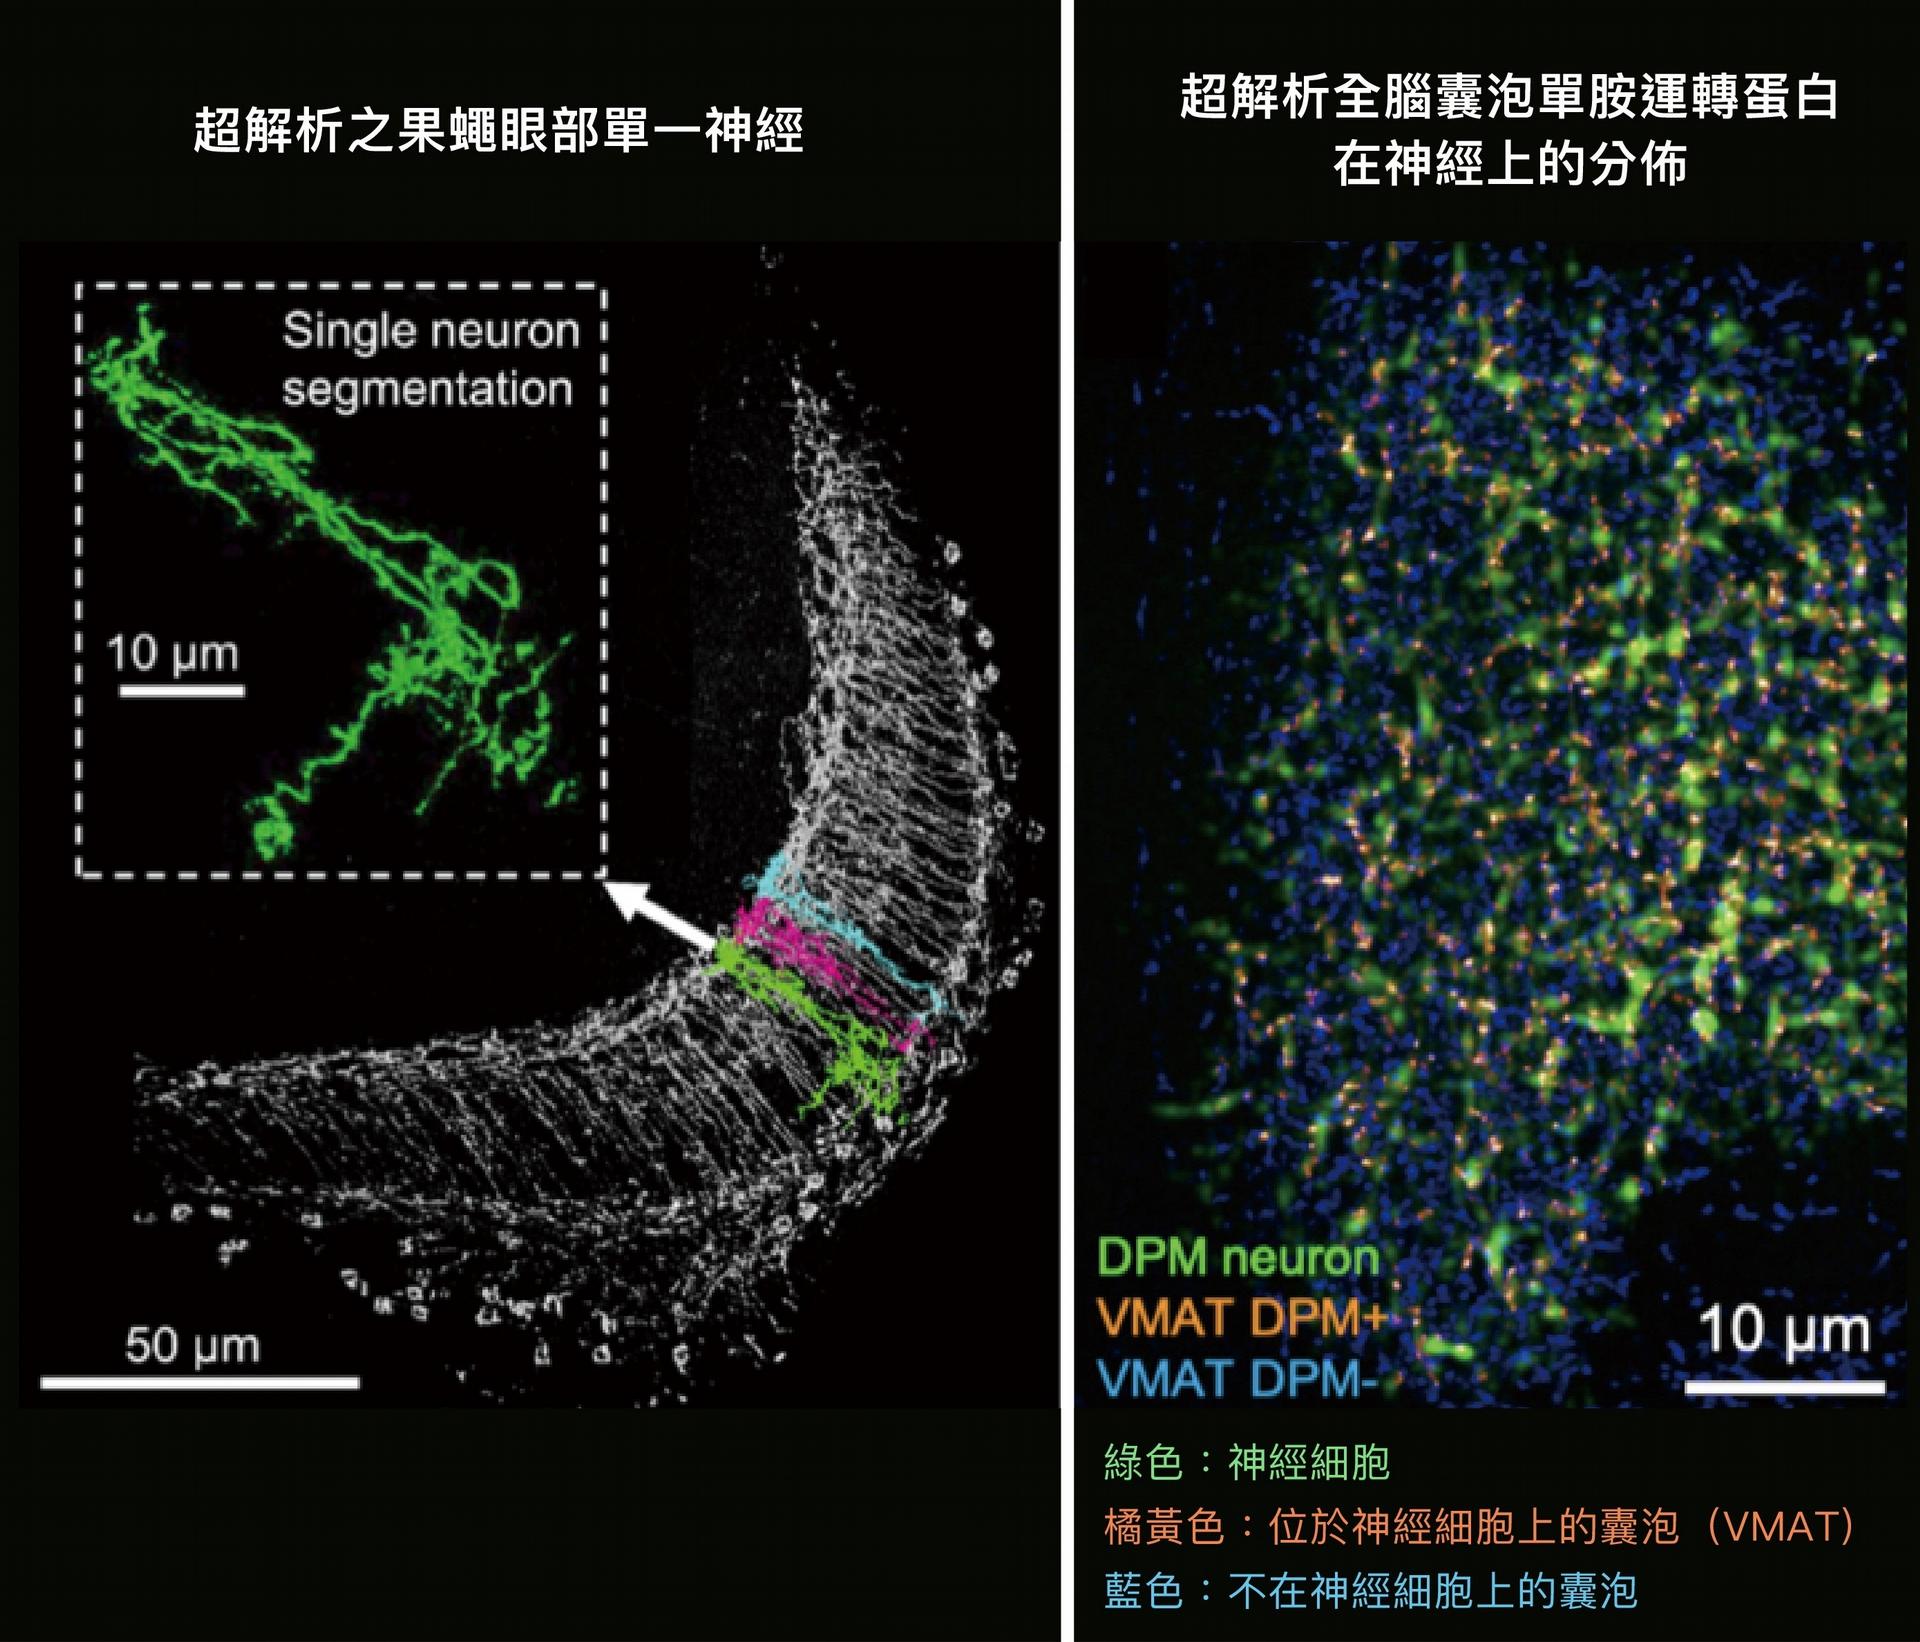 左圖是超解析之果蠅眼部單一神經,右圖是超解析全腦囊泡單胺運轉蛋白在神經上的分佈。 圖片來源│Rapid single-wavelength lightsheet localization microscopy for clarified tissue